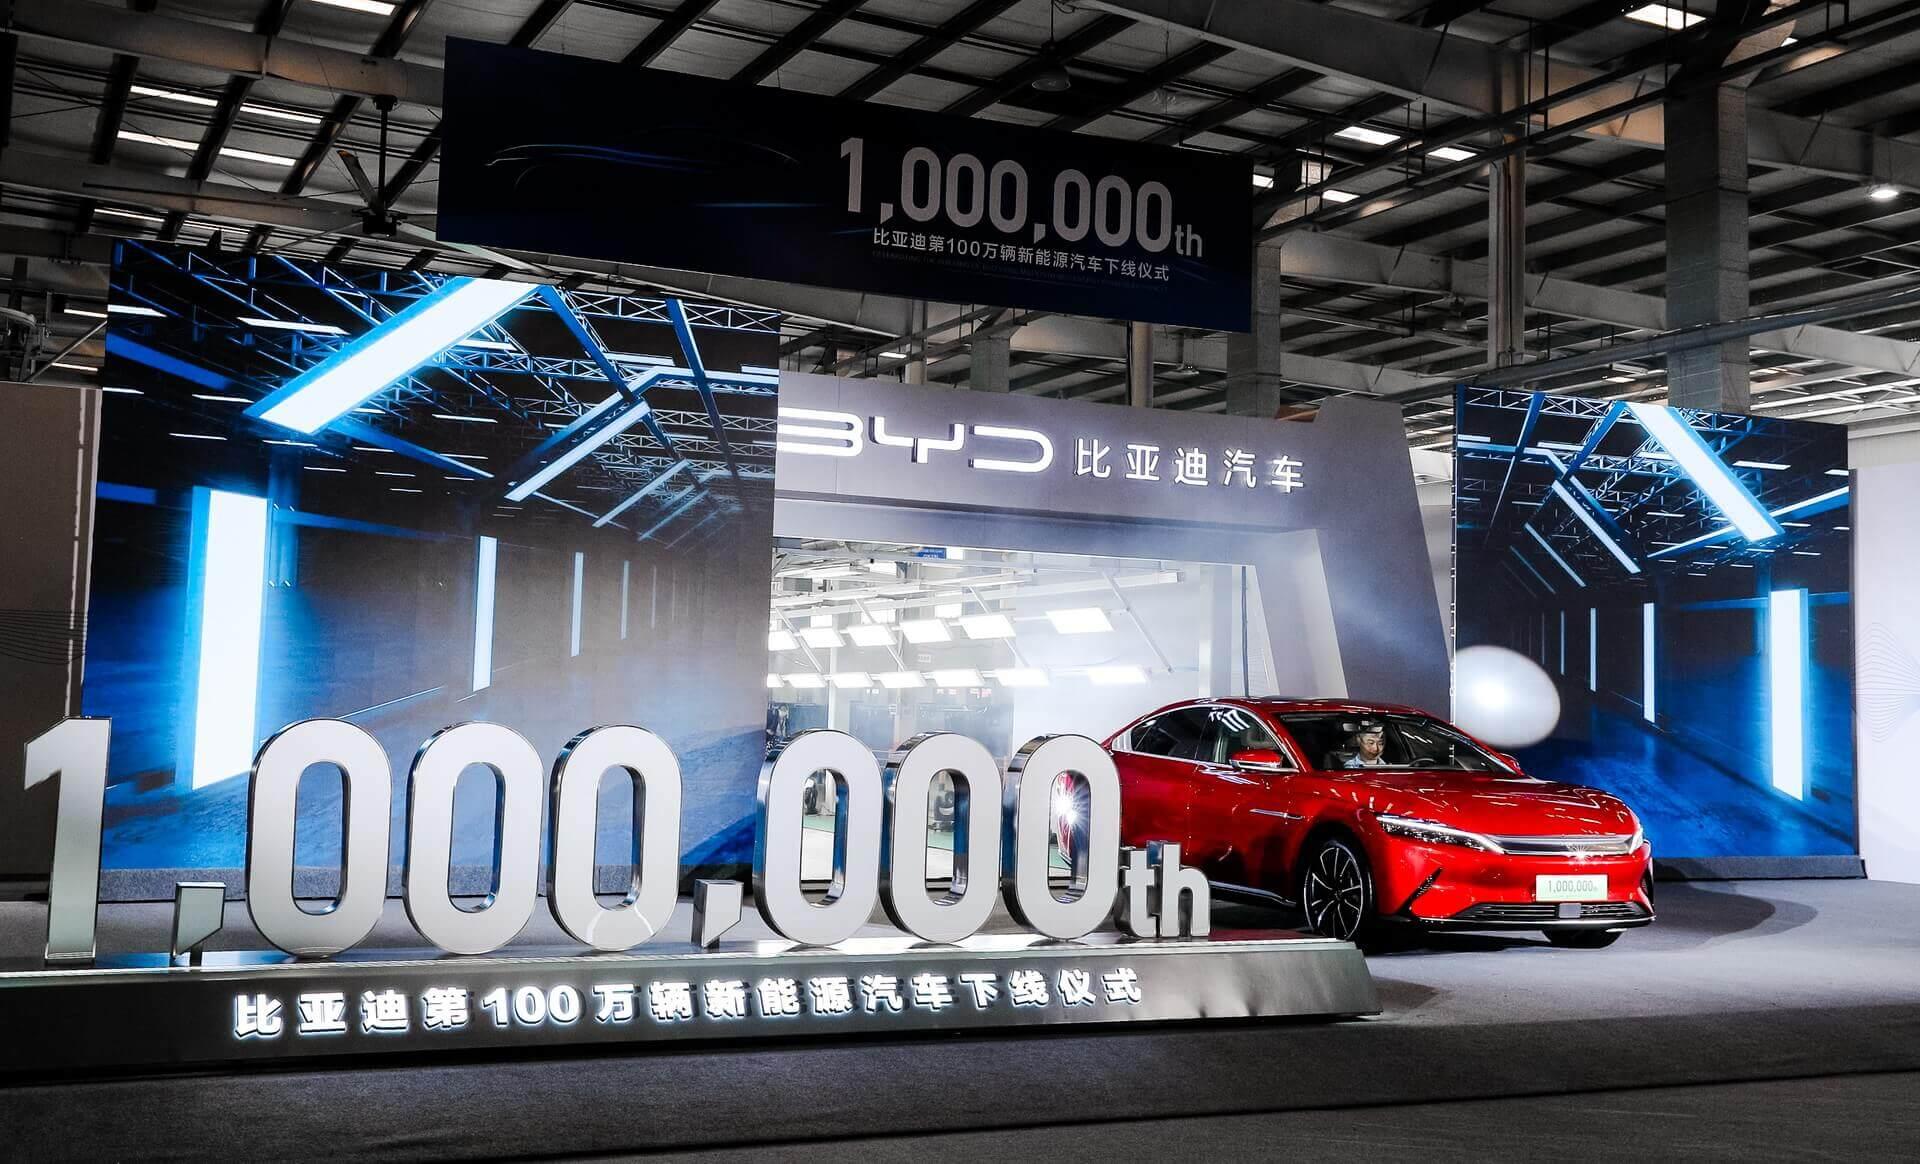 Миллионный легковой автомобиль BYD на новой энергии сошел с конвейера